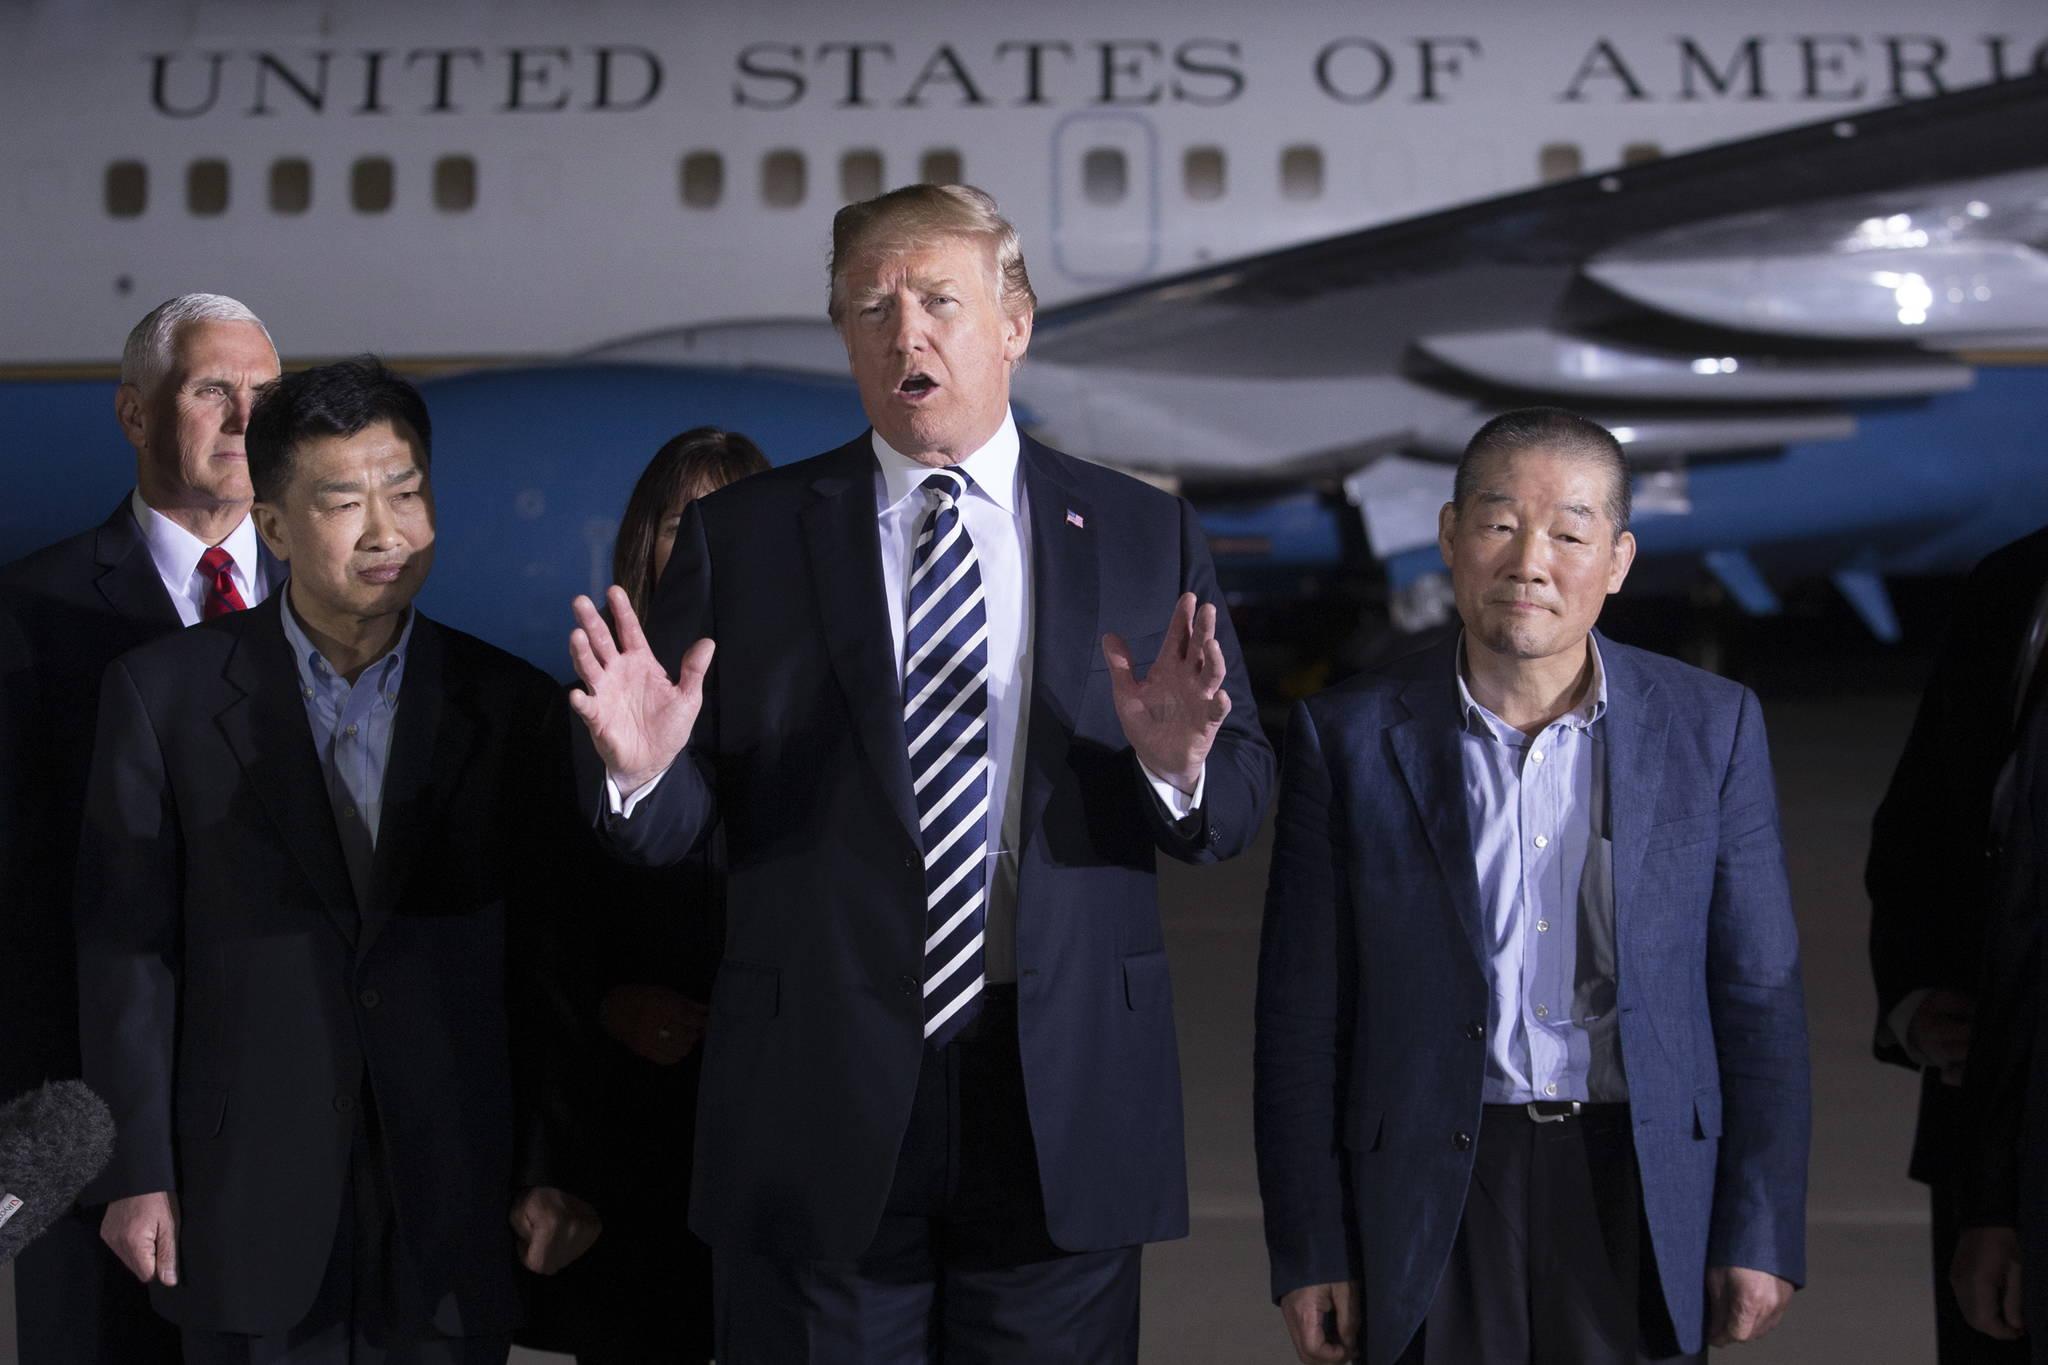 도널드 트럼프 대통령이 10일(현지시간) 환송된 북한 억류자들을 축하하고 질문에 답변하고 있다. 도널드 트럼프 대통령(가운데), 왼쪽 토니김, 오른쪽 김동철씨. [EPA=연합뉴스]